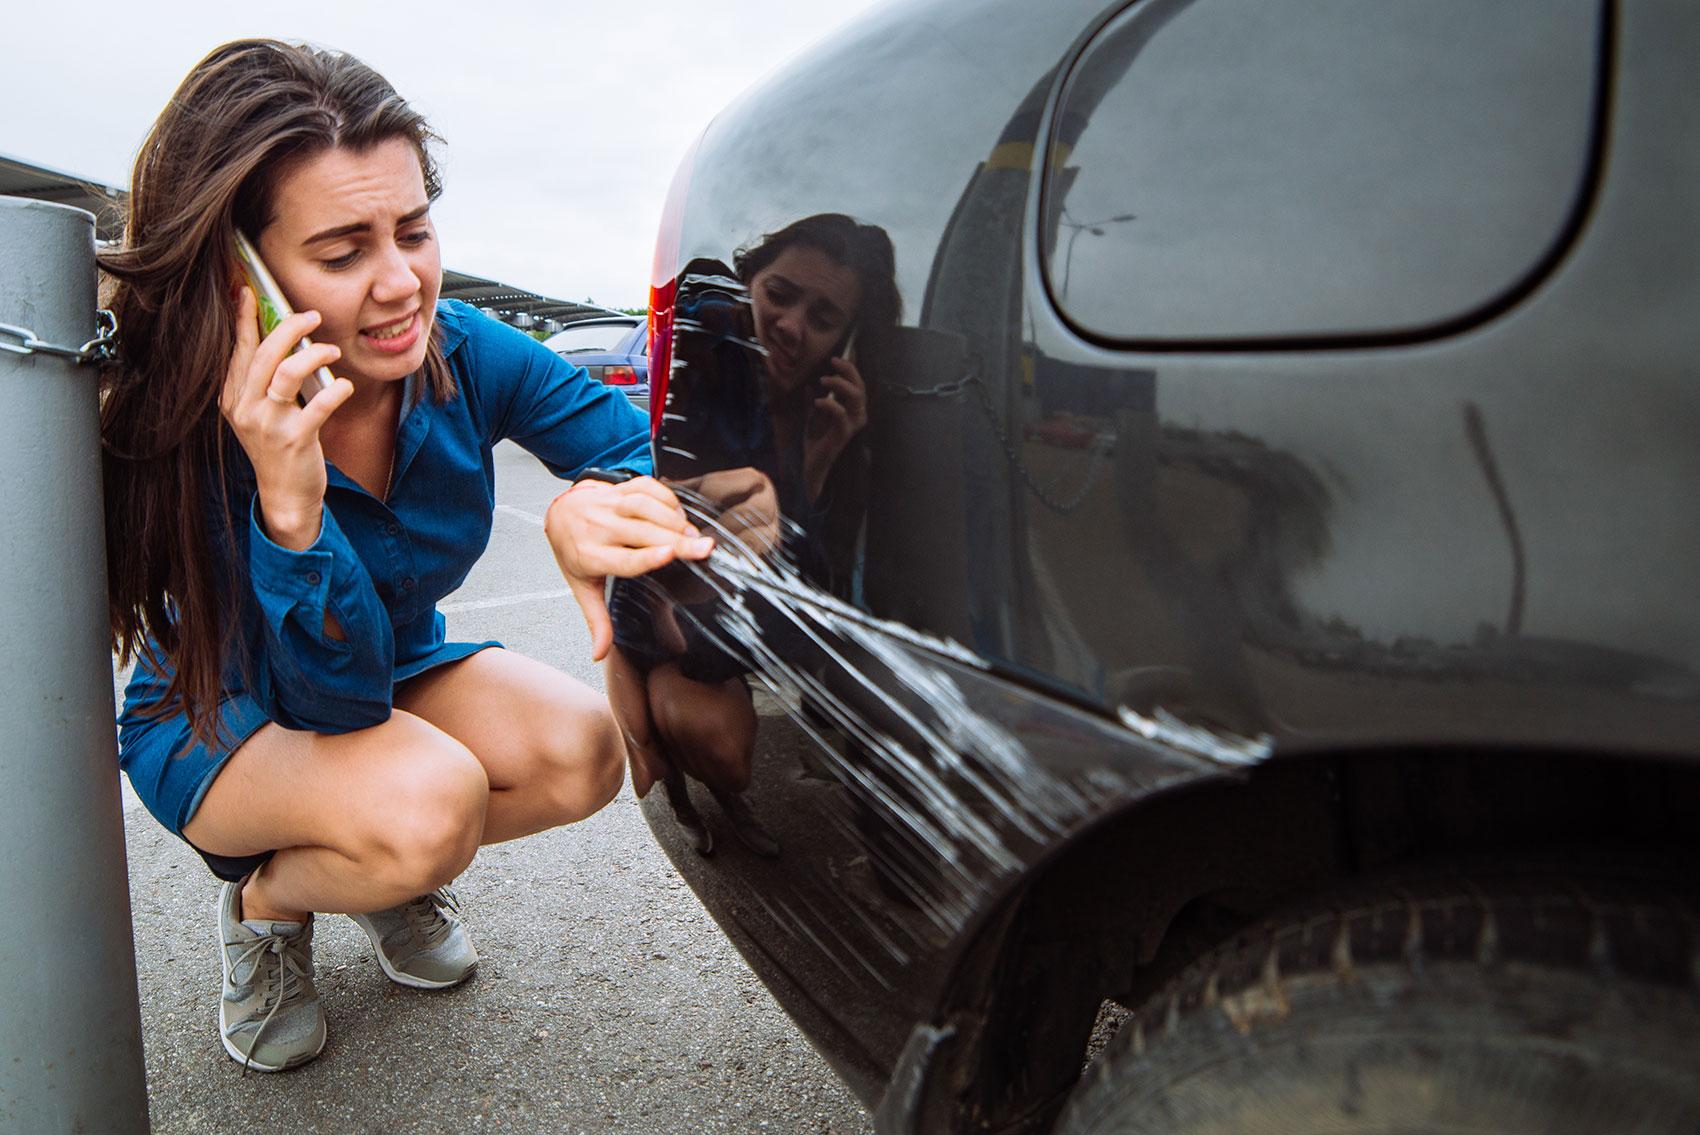 Stłuczka na parkingu – kto jest winny